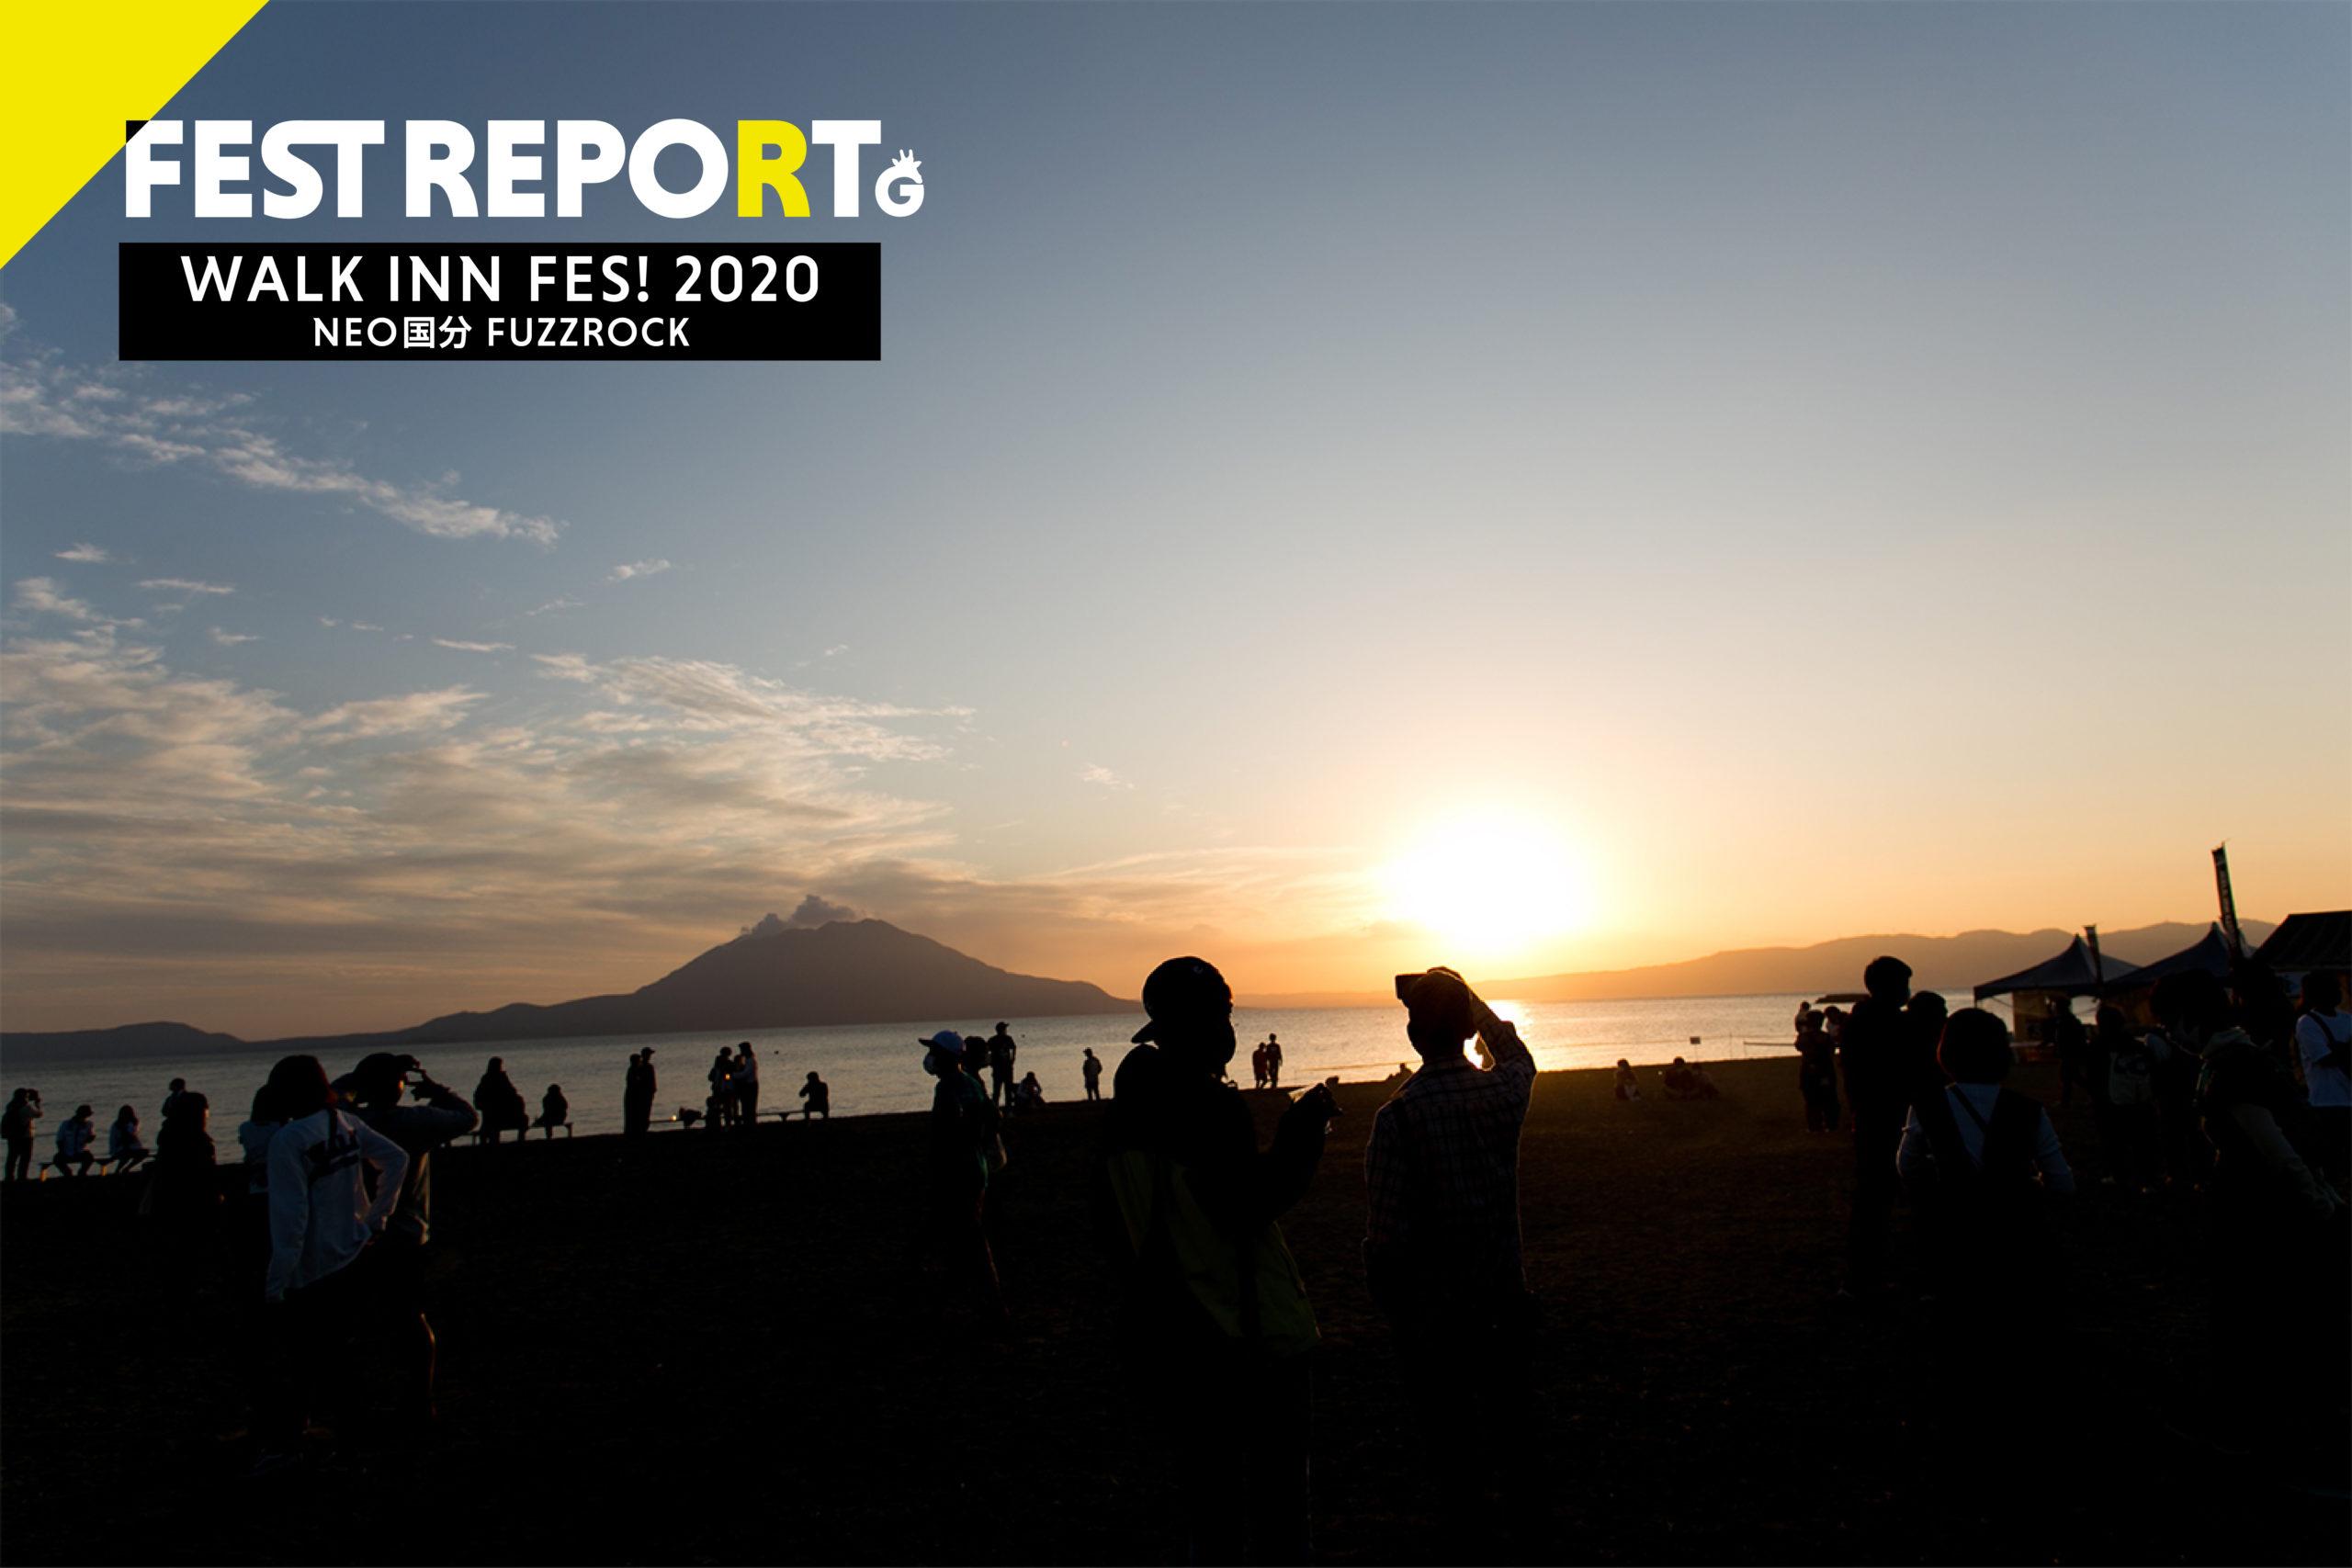 「鹿児島の野外フェスをレポート! WALK INN FES! 2020 NEO国分 FUZZROCK」のアイキャッチ画像